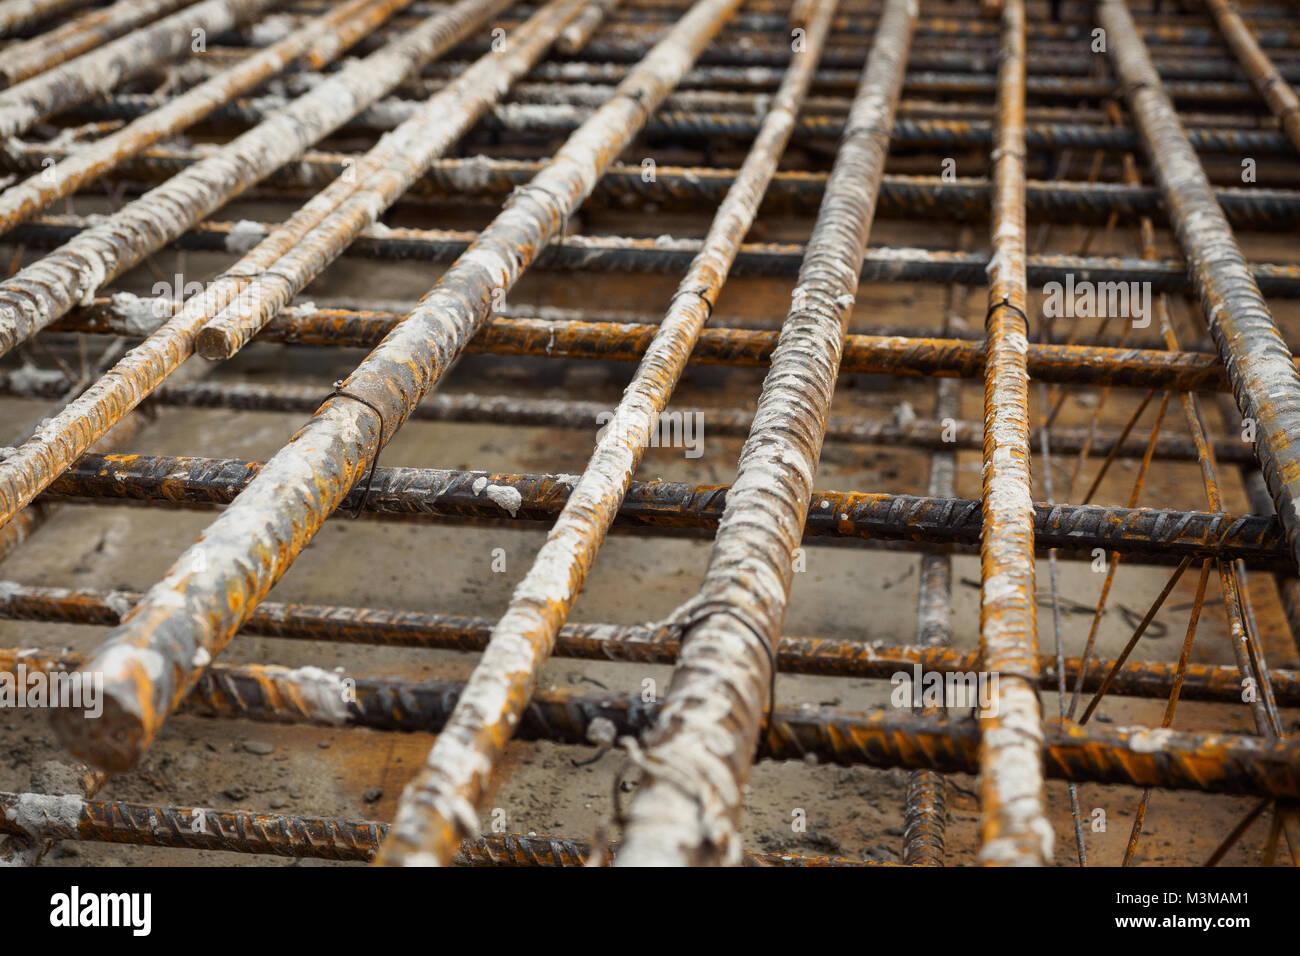 Steel Bars Construction Stockfotos & Steel Bars Construction Bilder ...